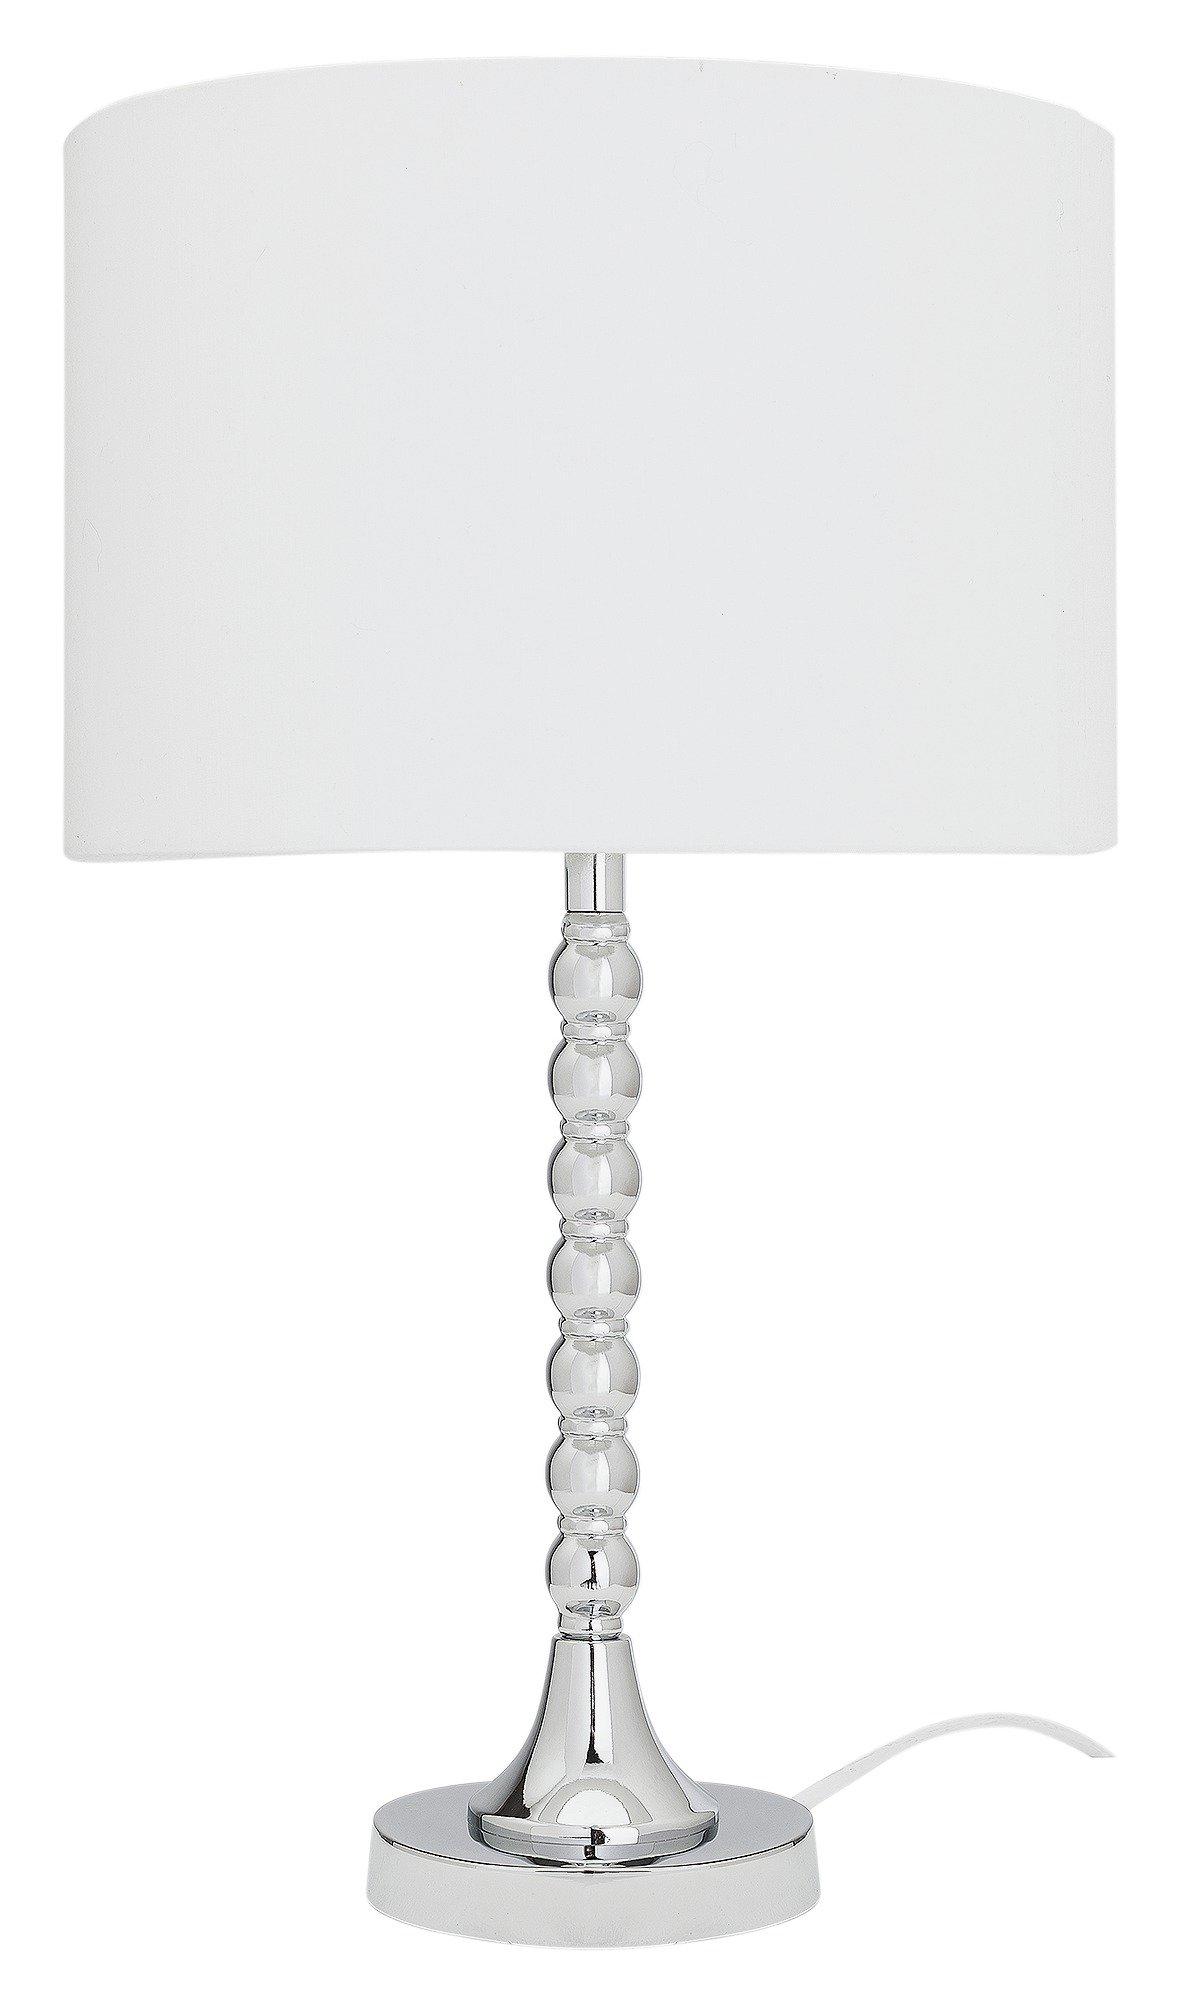 Argos Lighting Cheapest Lighting Uk